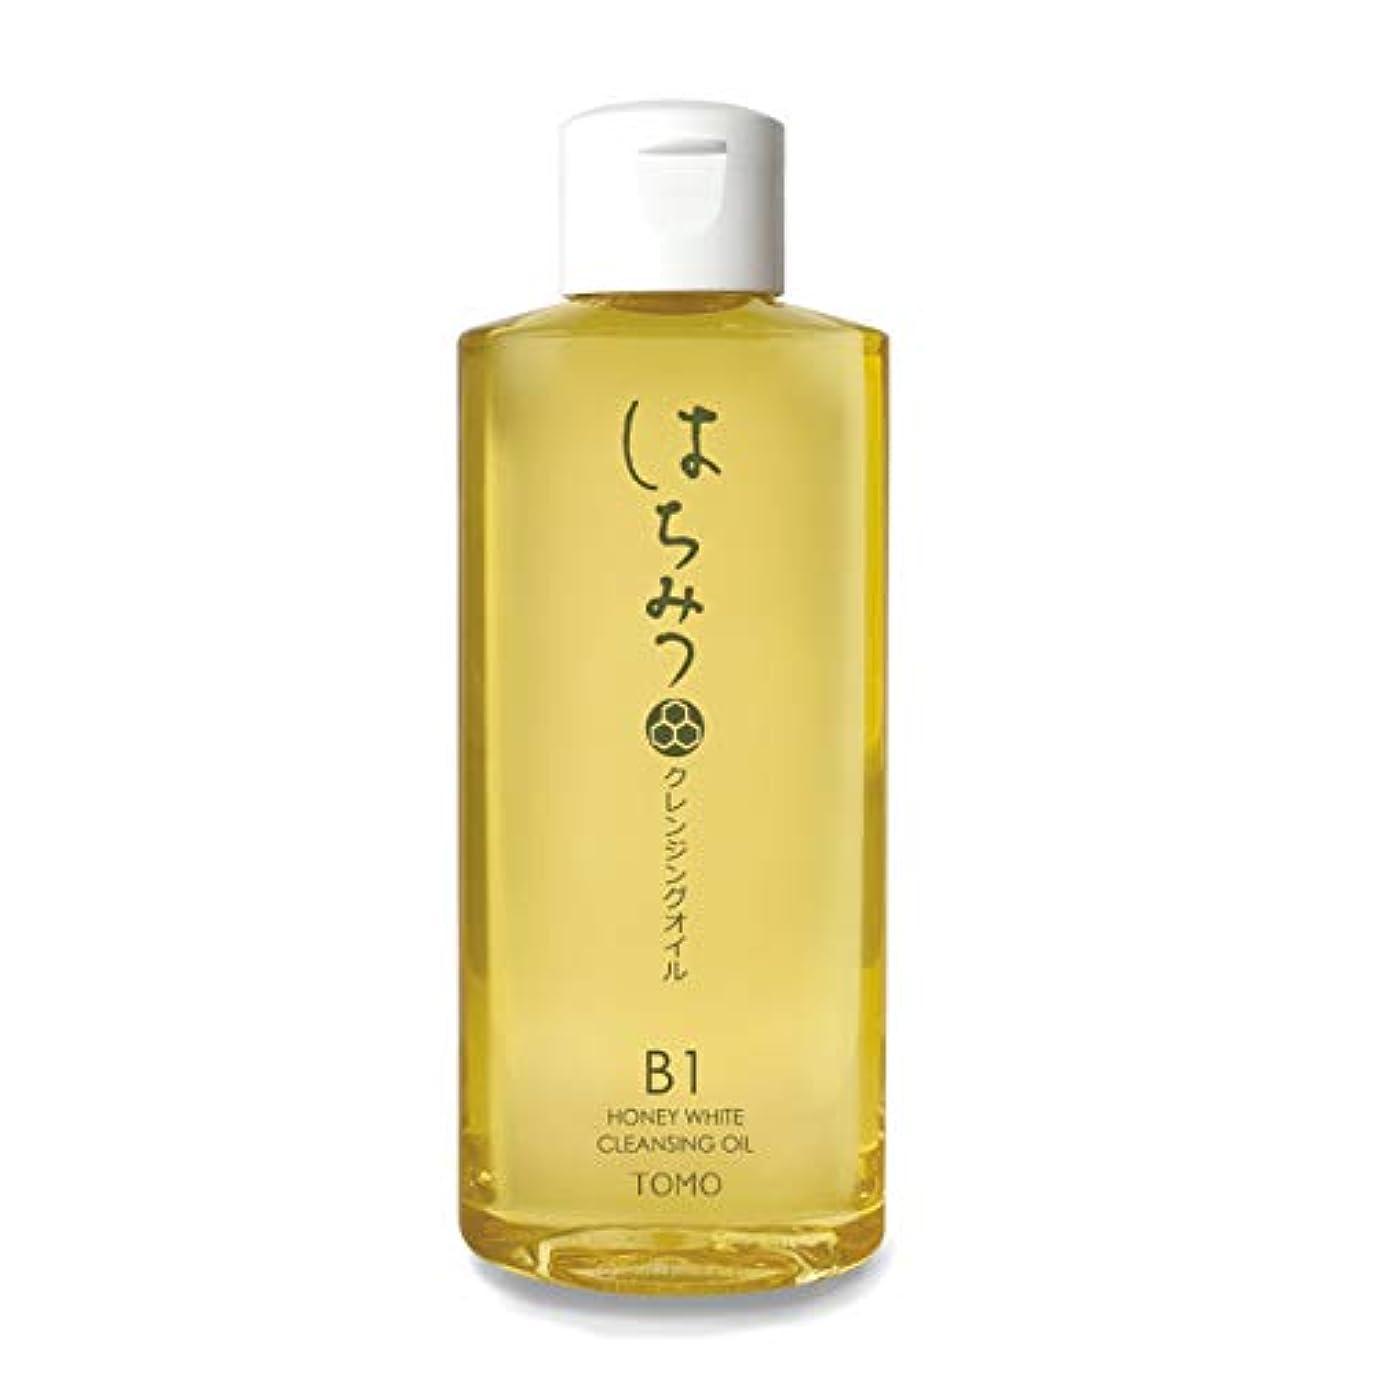 バナナコマース雪低刺激 ロイヤルゼリーエキス配合 50%以上がオリーブオイル 洗い流すタイプのクレンジング クレンジングオイルB1 150ml